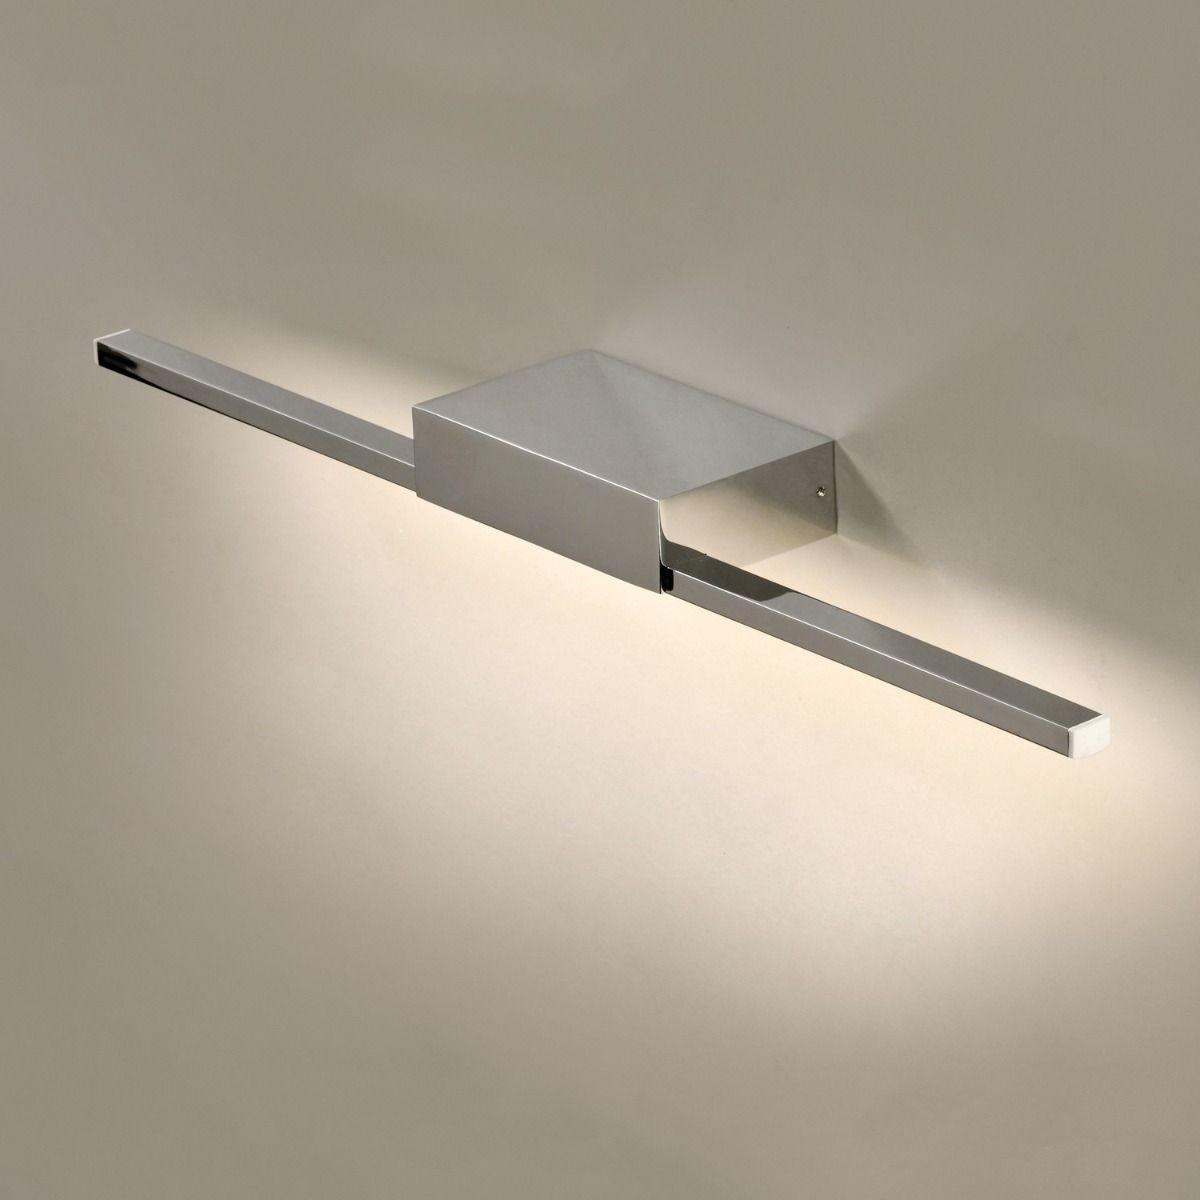 ACB LeuchtenYei LED Wandleuchte-35 cmA33911C-1